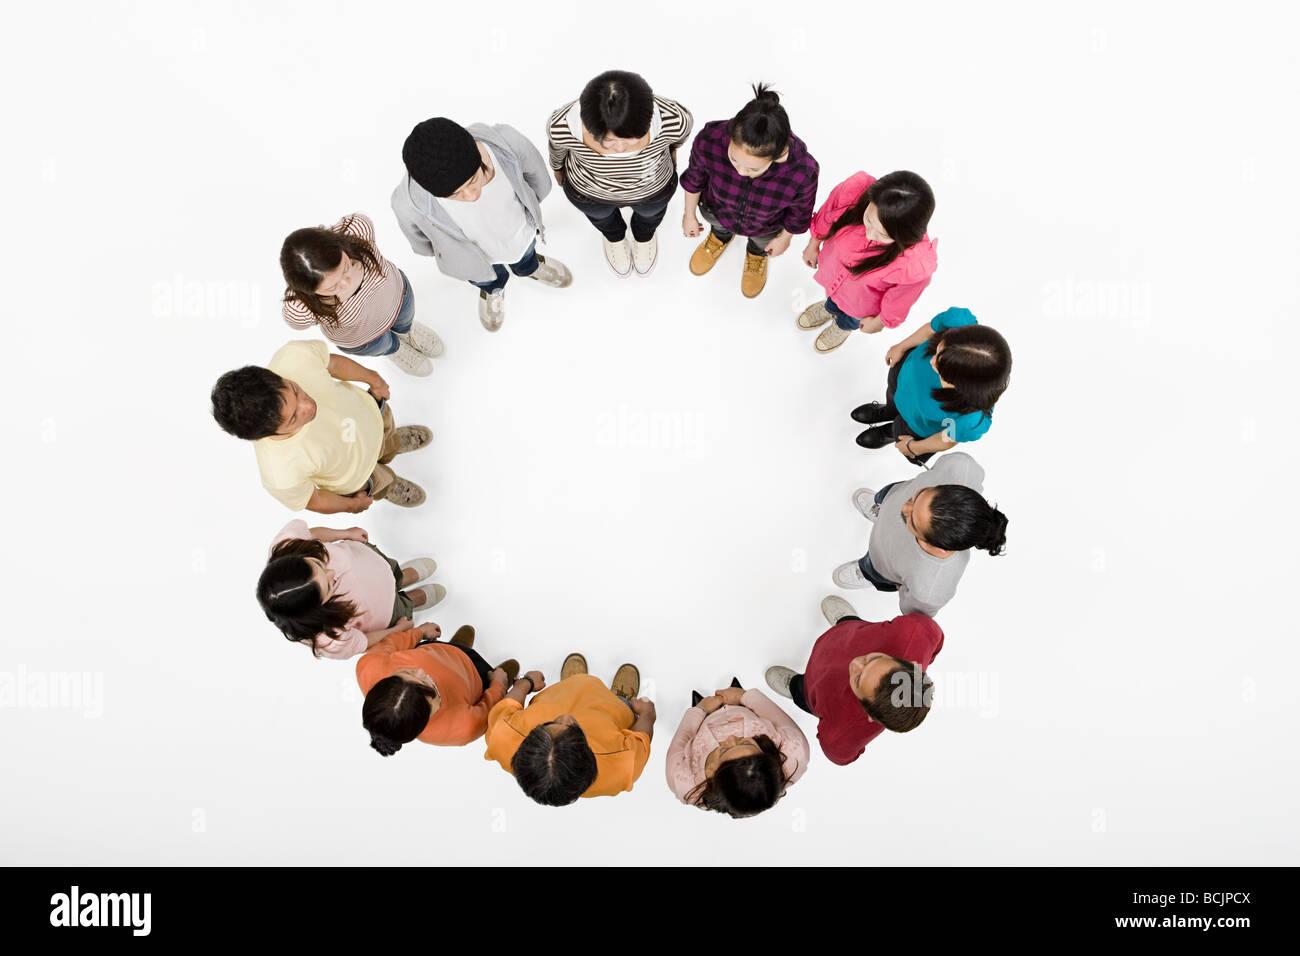 Les gens dans un cercle Photo Stock